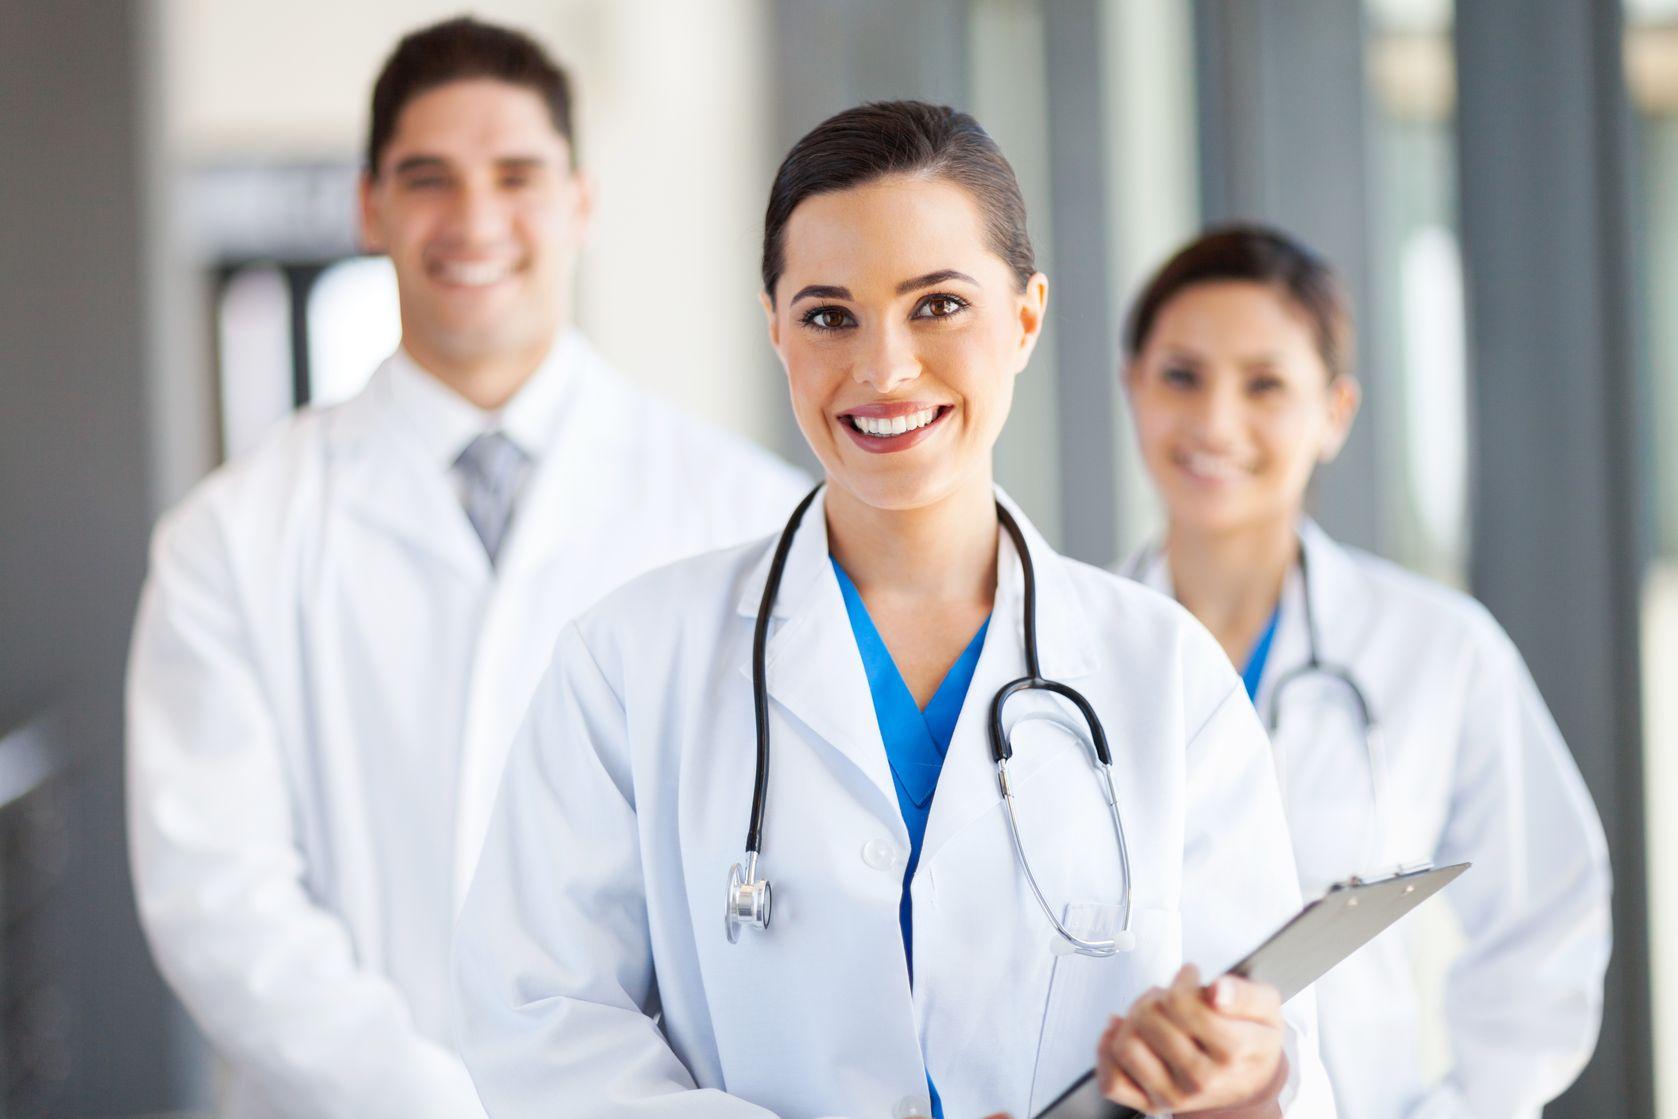 حداقل رتبه برای پرستاري کنکور 98 (900 کارنامه ی قبولی پرستاري تبريز )